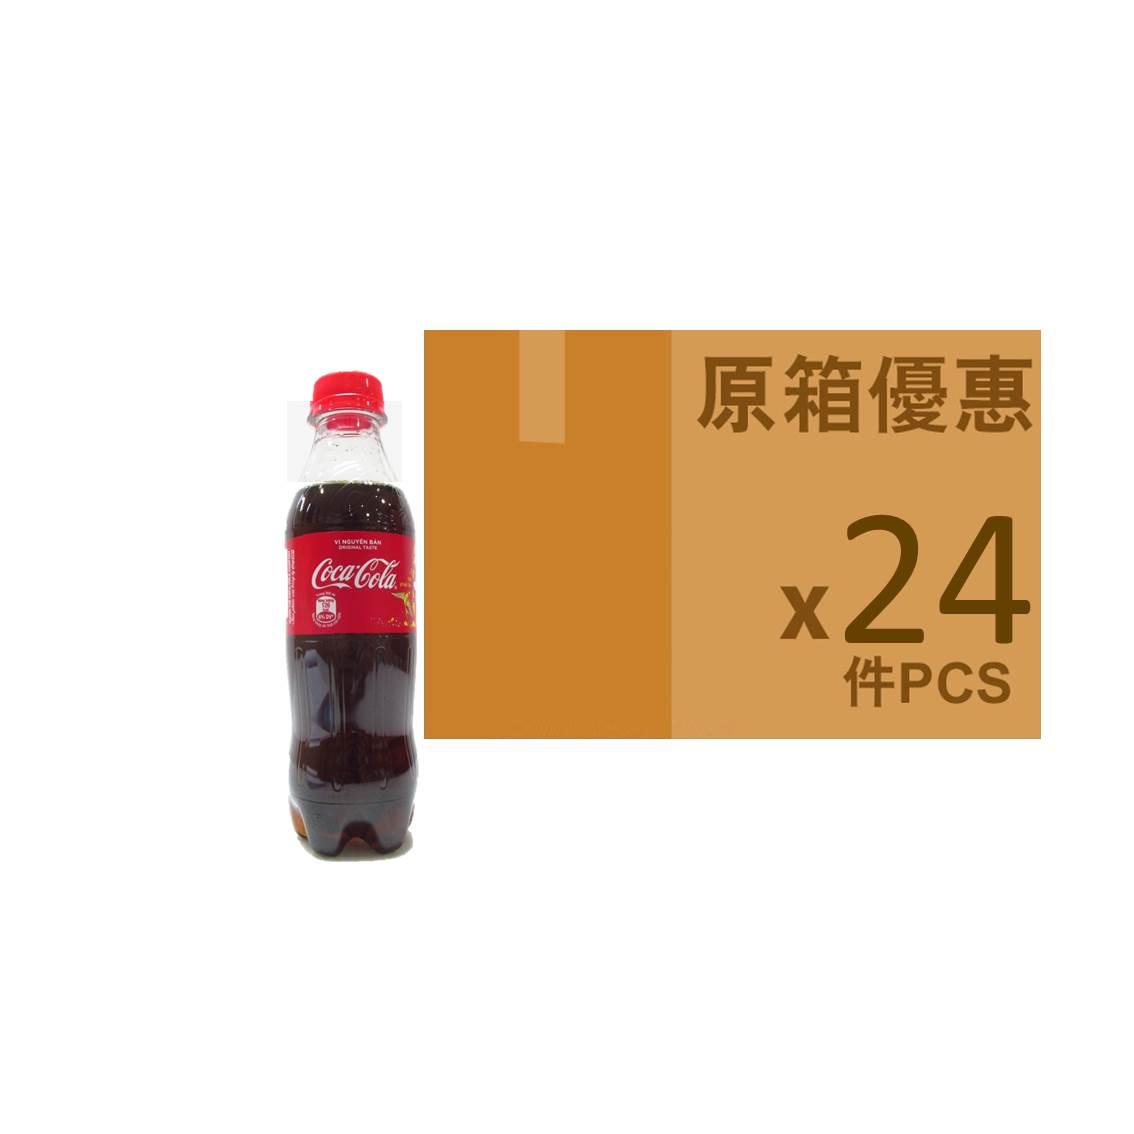 COCA COLA可口可樂300ml(原箱海外版)